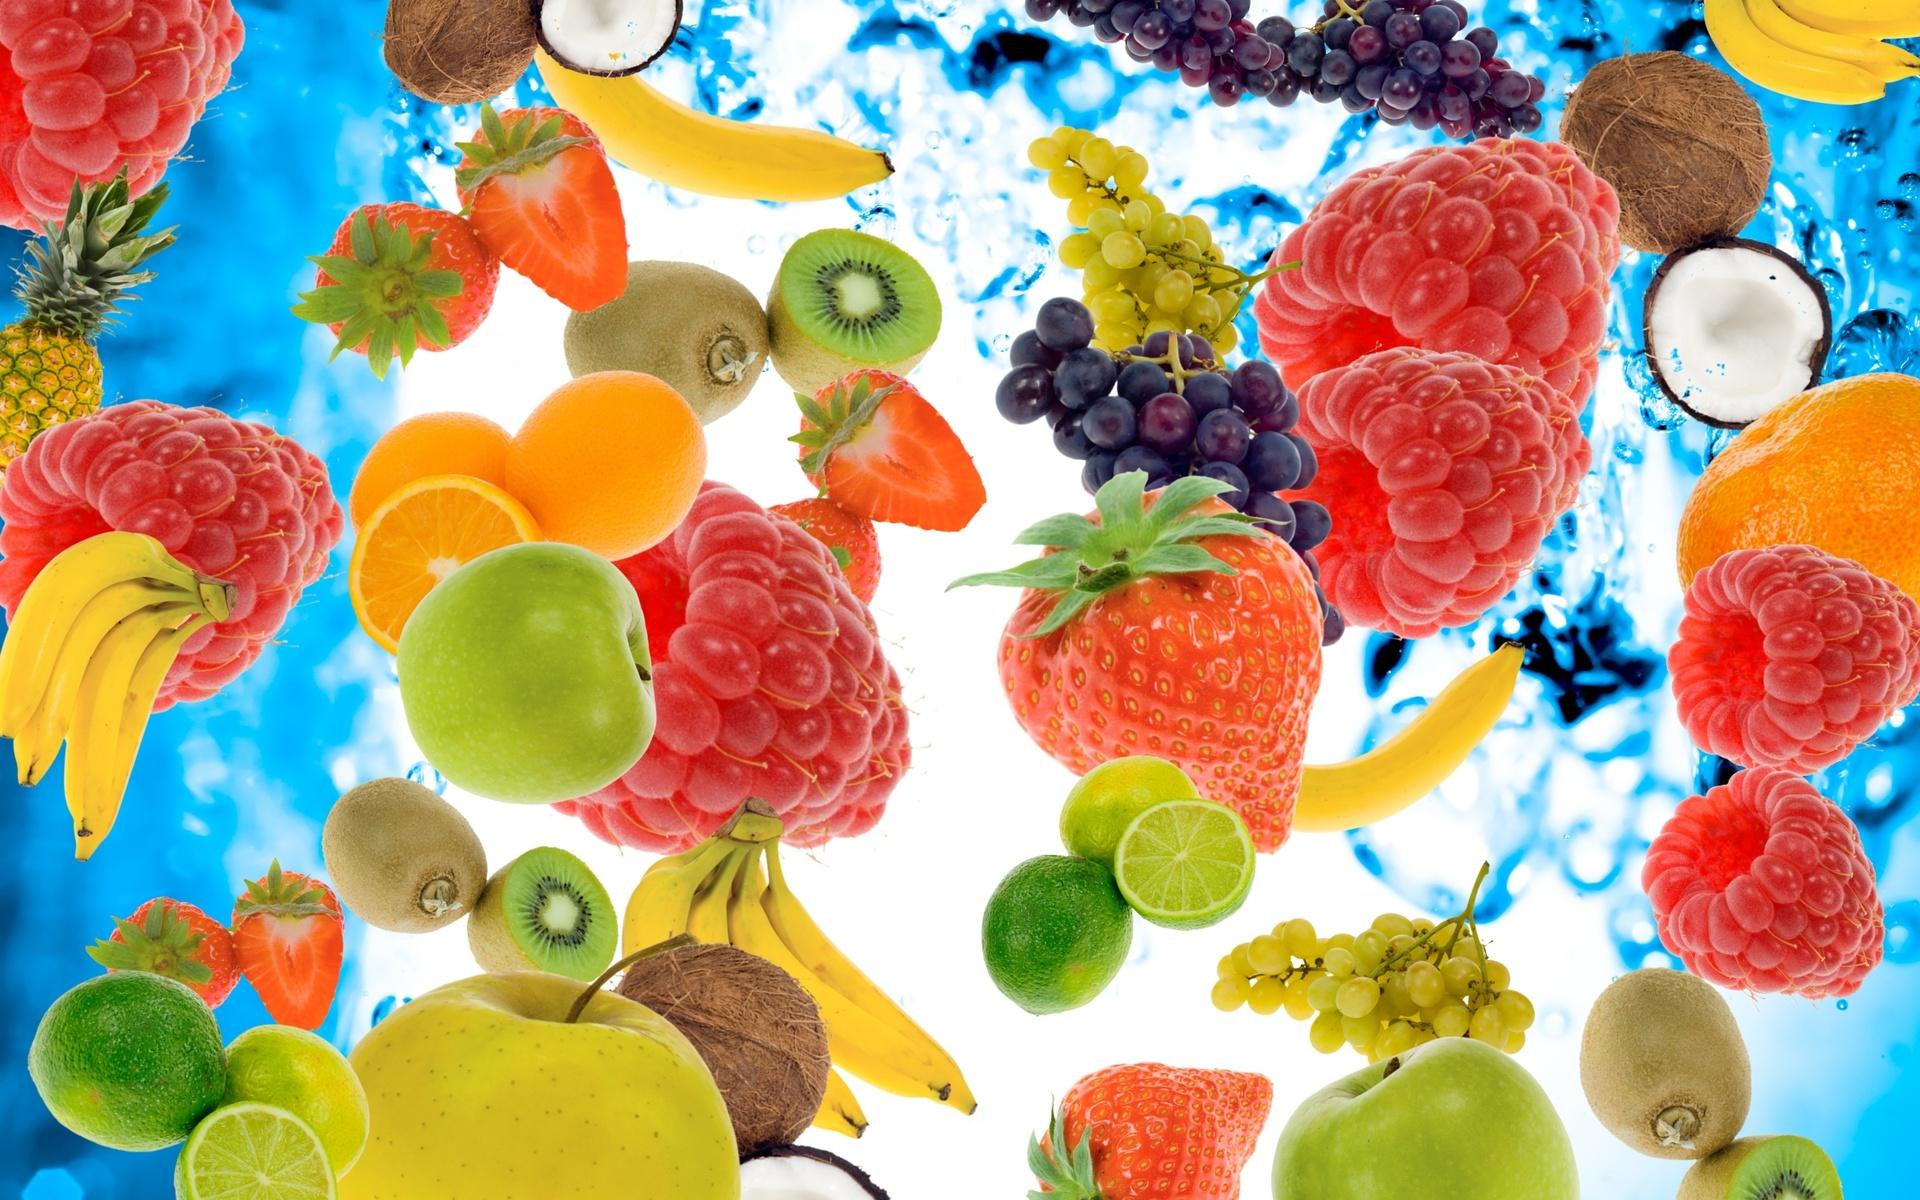 рассказано яркие картинки с фруктами хорошо умеет искать